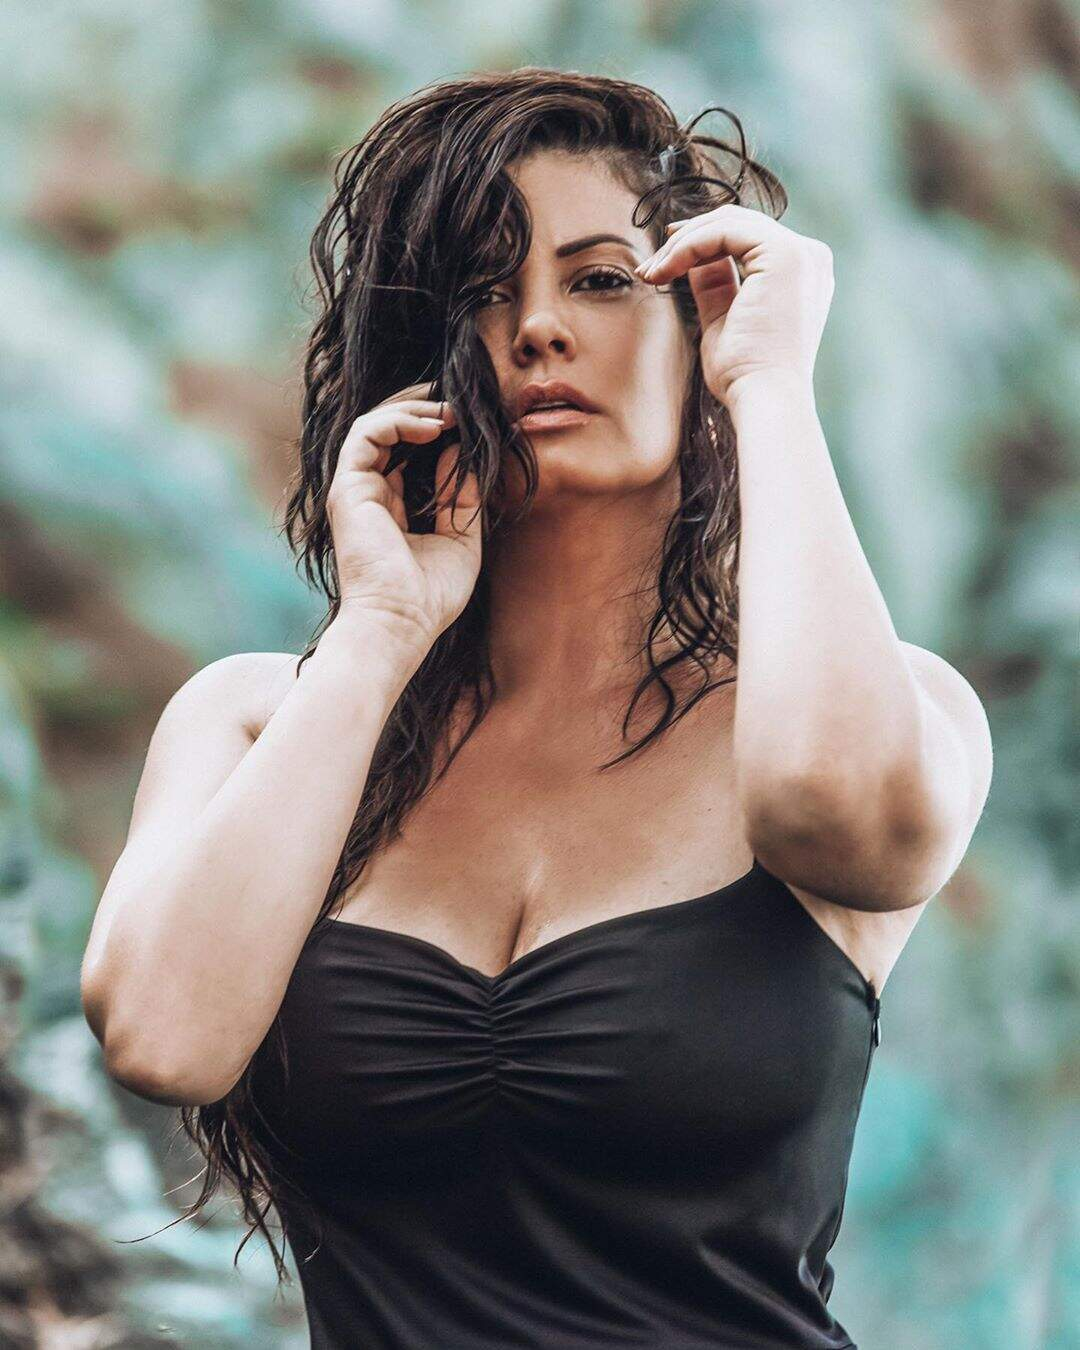 instagram, Μαρία Κορινθίου, Μαρία Κορινθίου collection, φόρεμα